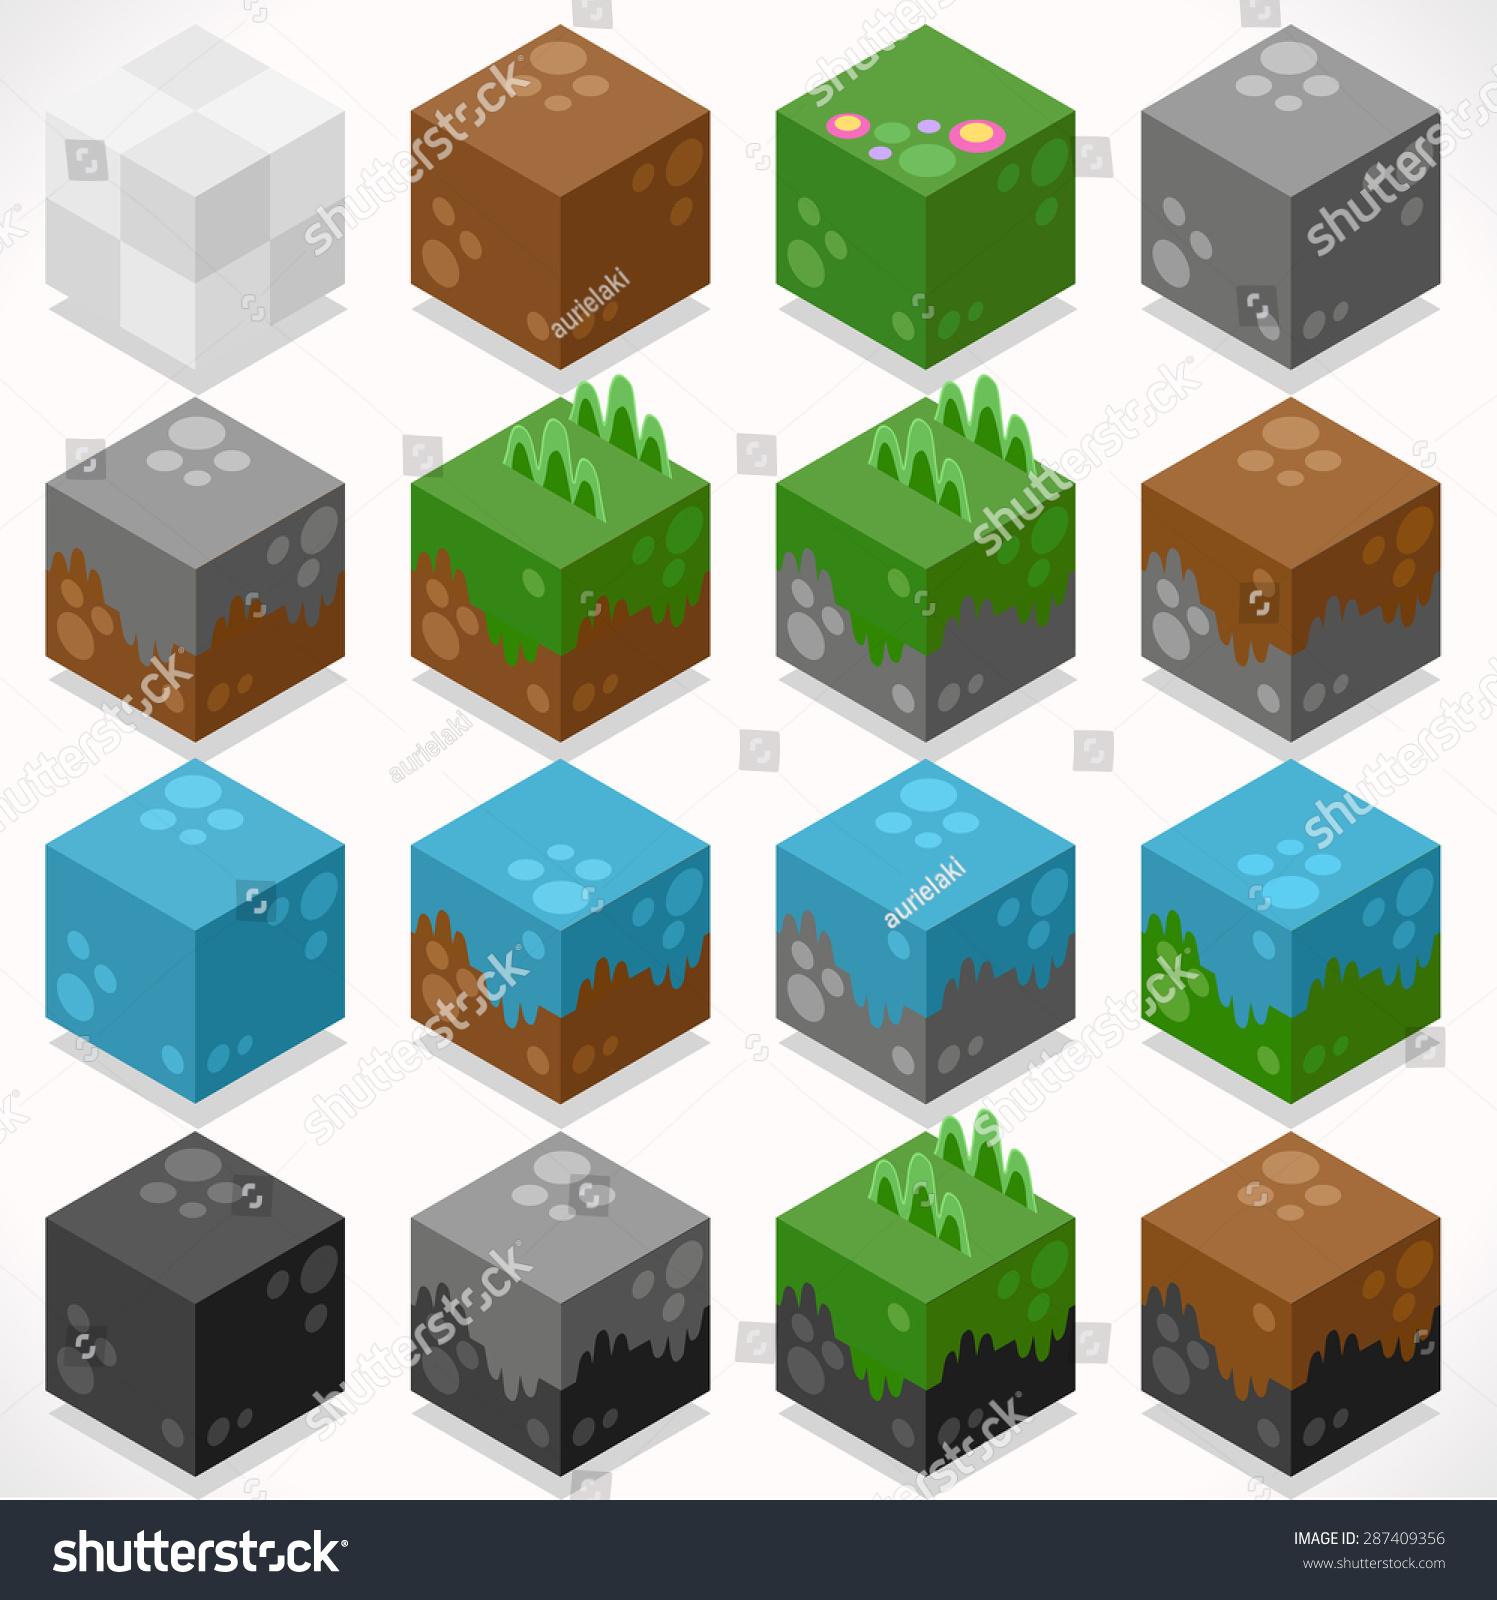 3d Flat Isometric Craft Cubes Modular Stock Vector